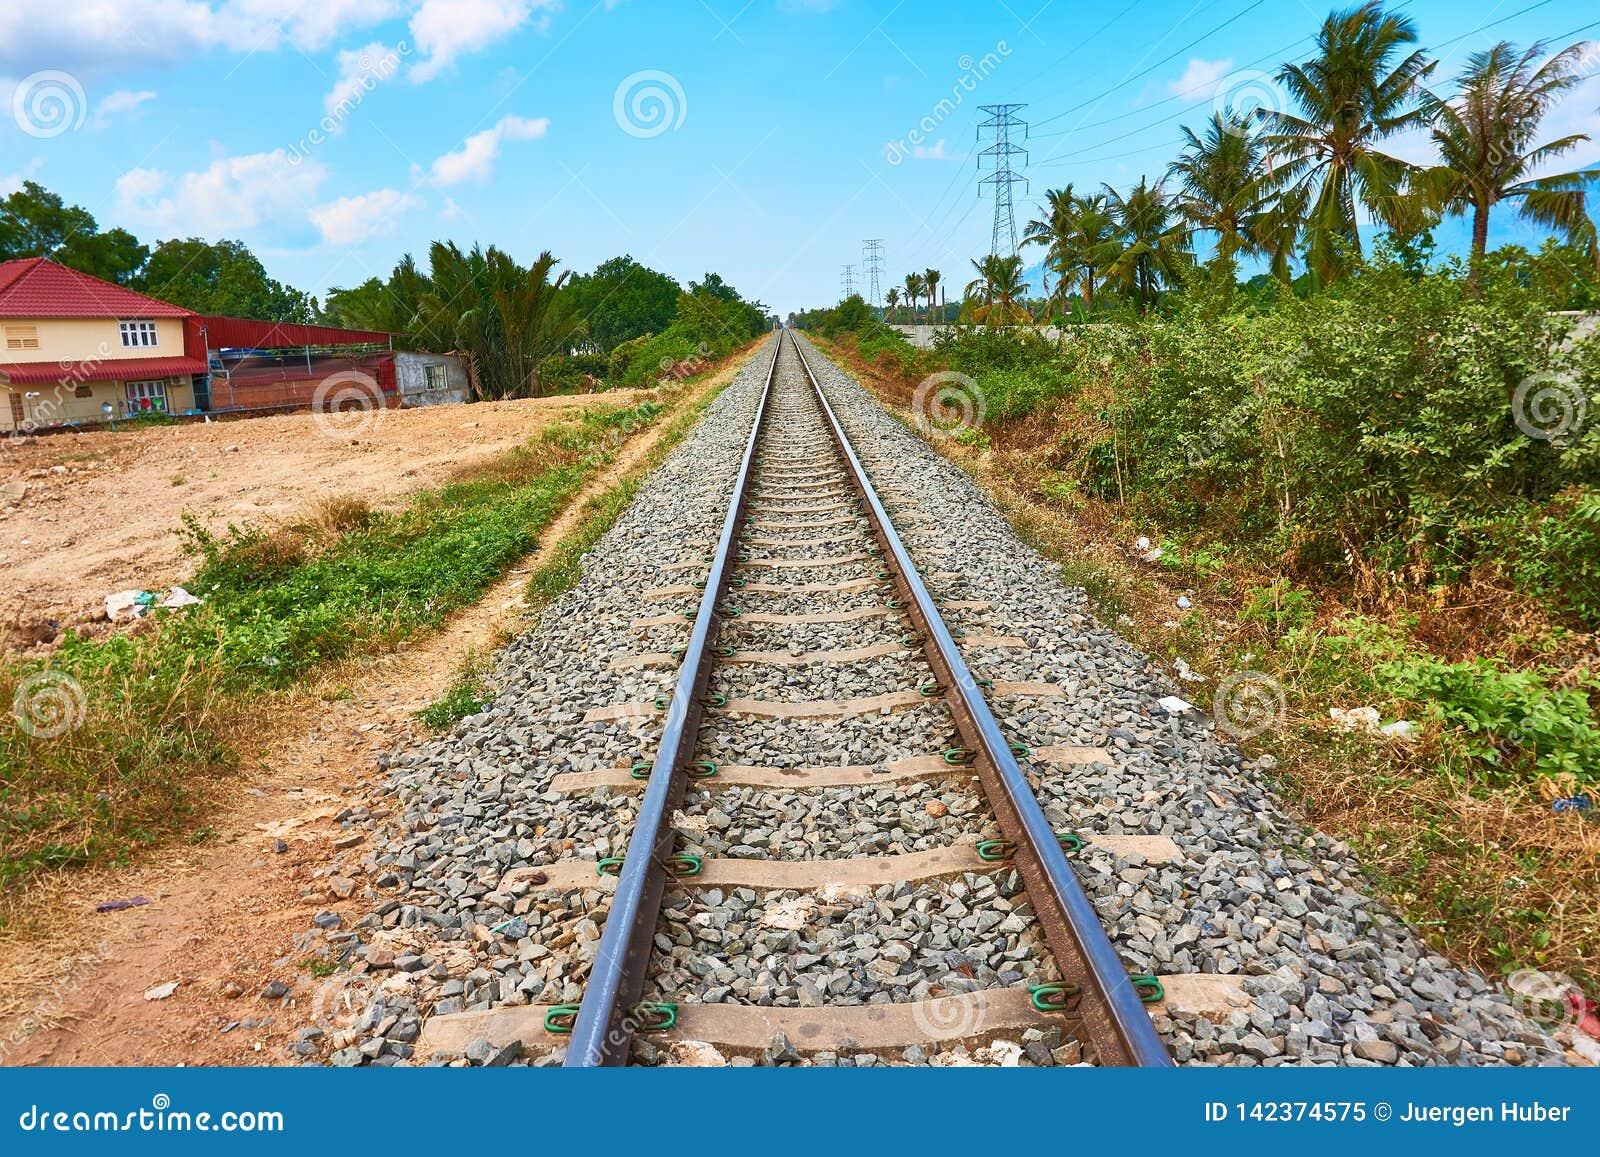 Eisenbahnbahngleise geht zum Horizont mit Palmen